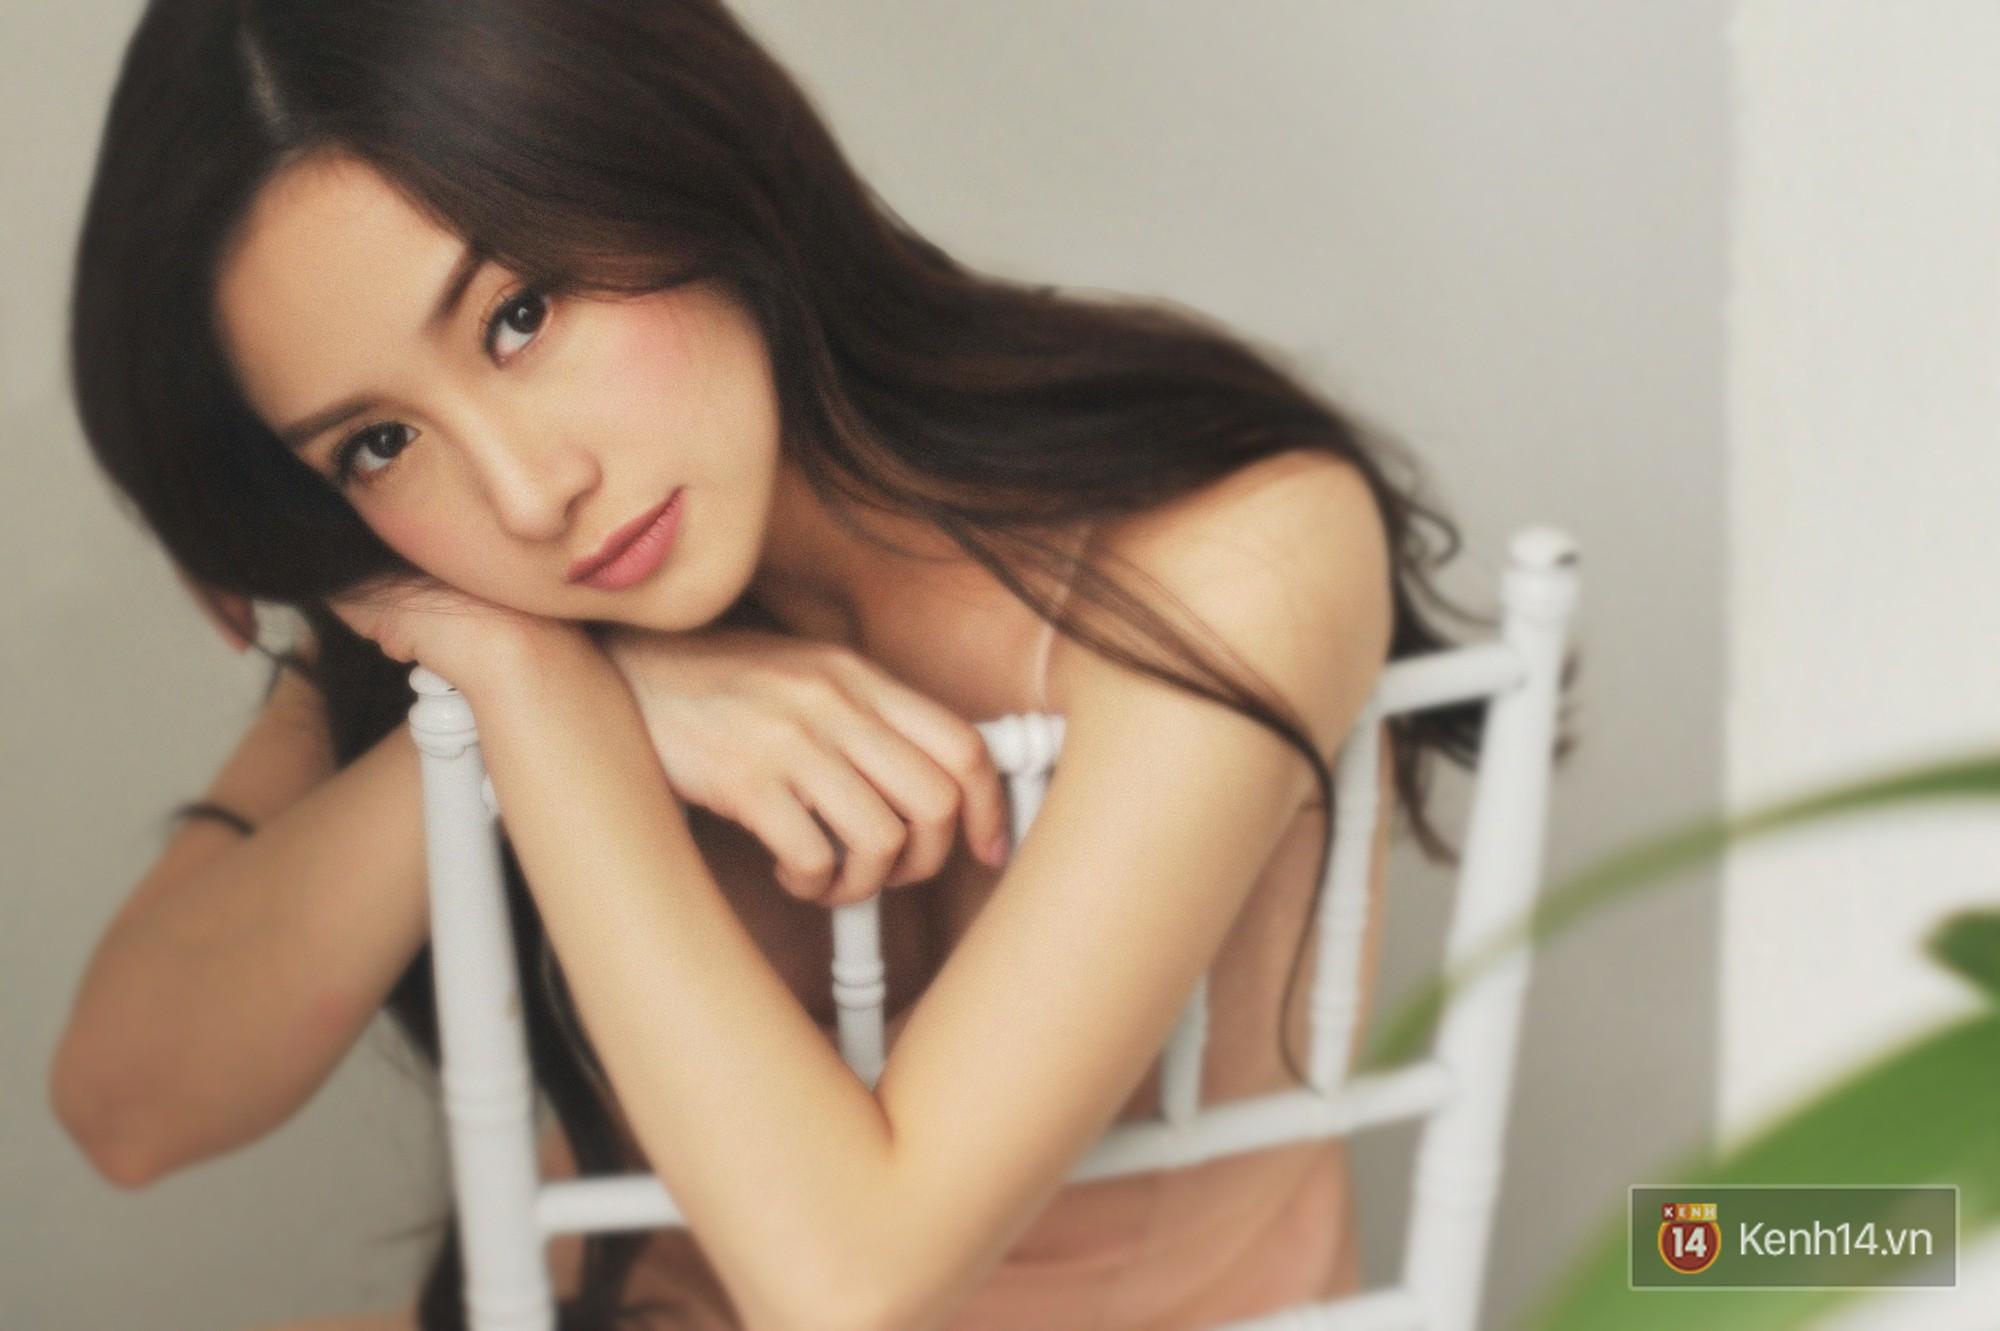 Jun Vũ sau khi nâng ngực: Không hiểu mọi người tiếc cái gì nữa, mặt mình vẫn như cũ, tính cách hay con người có thay đổi đâu - Ảnh 6.